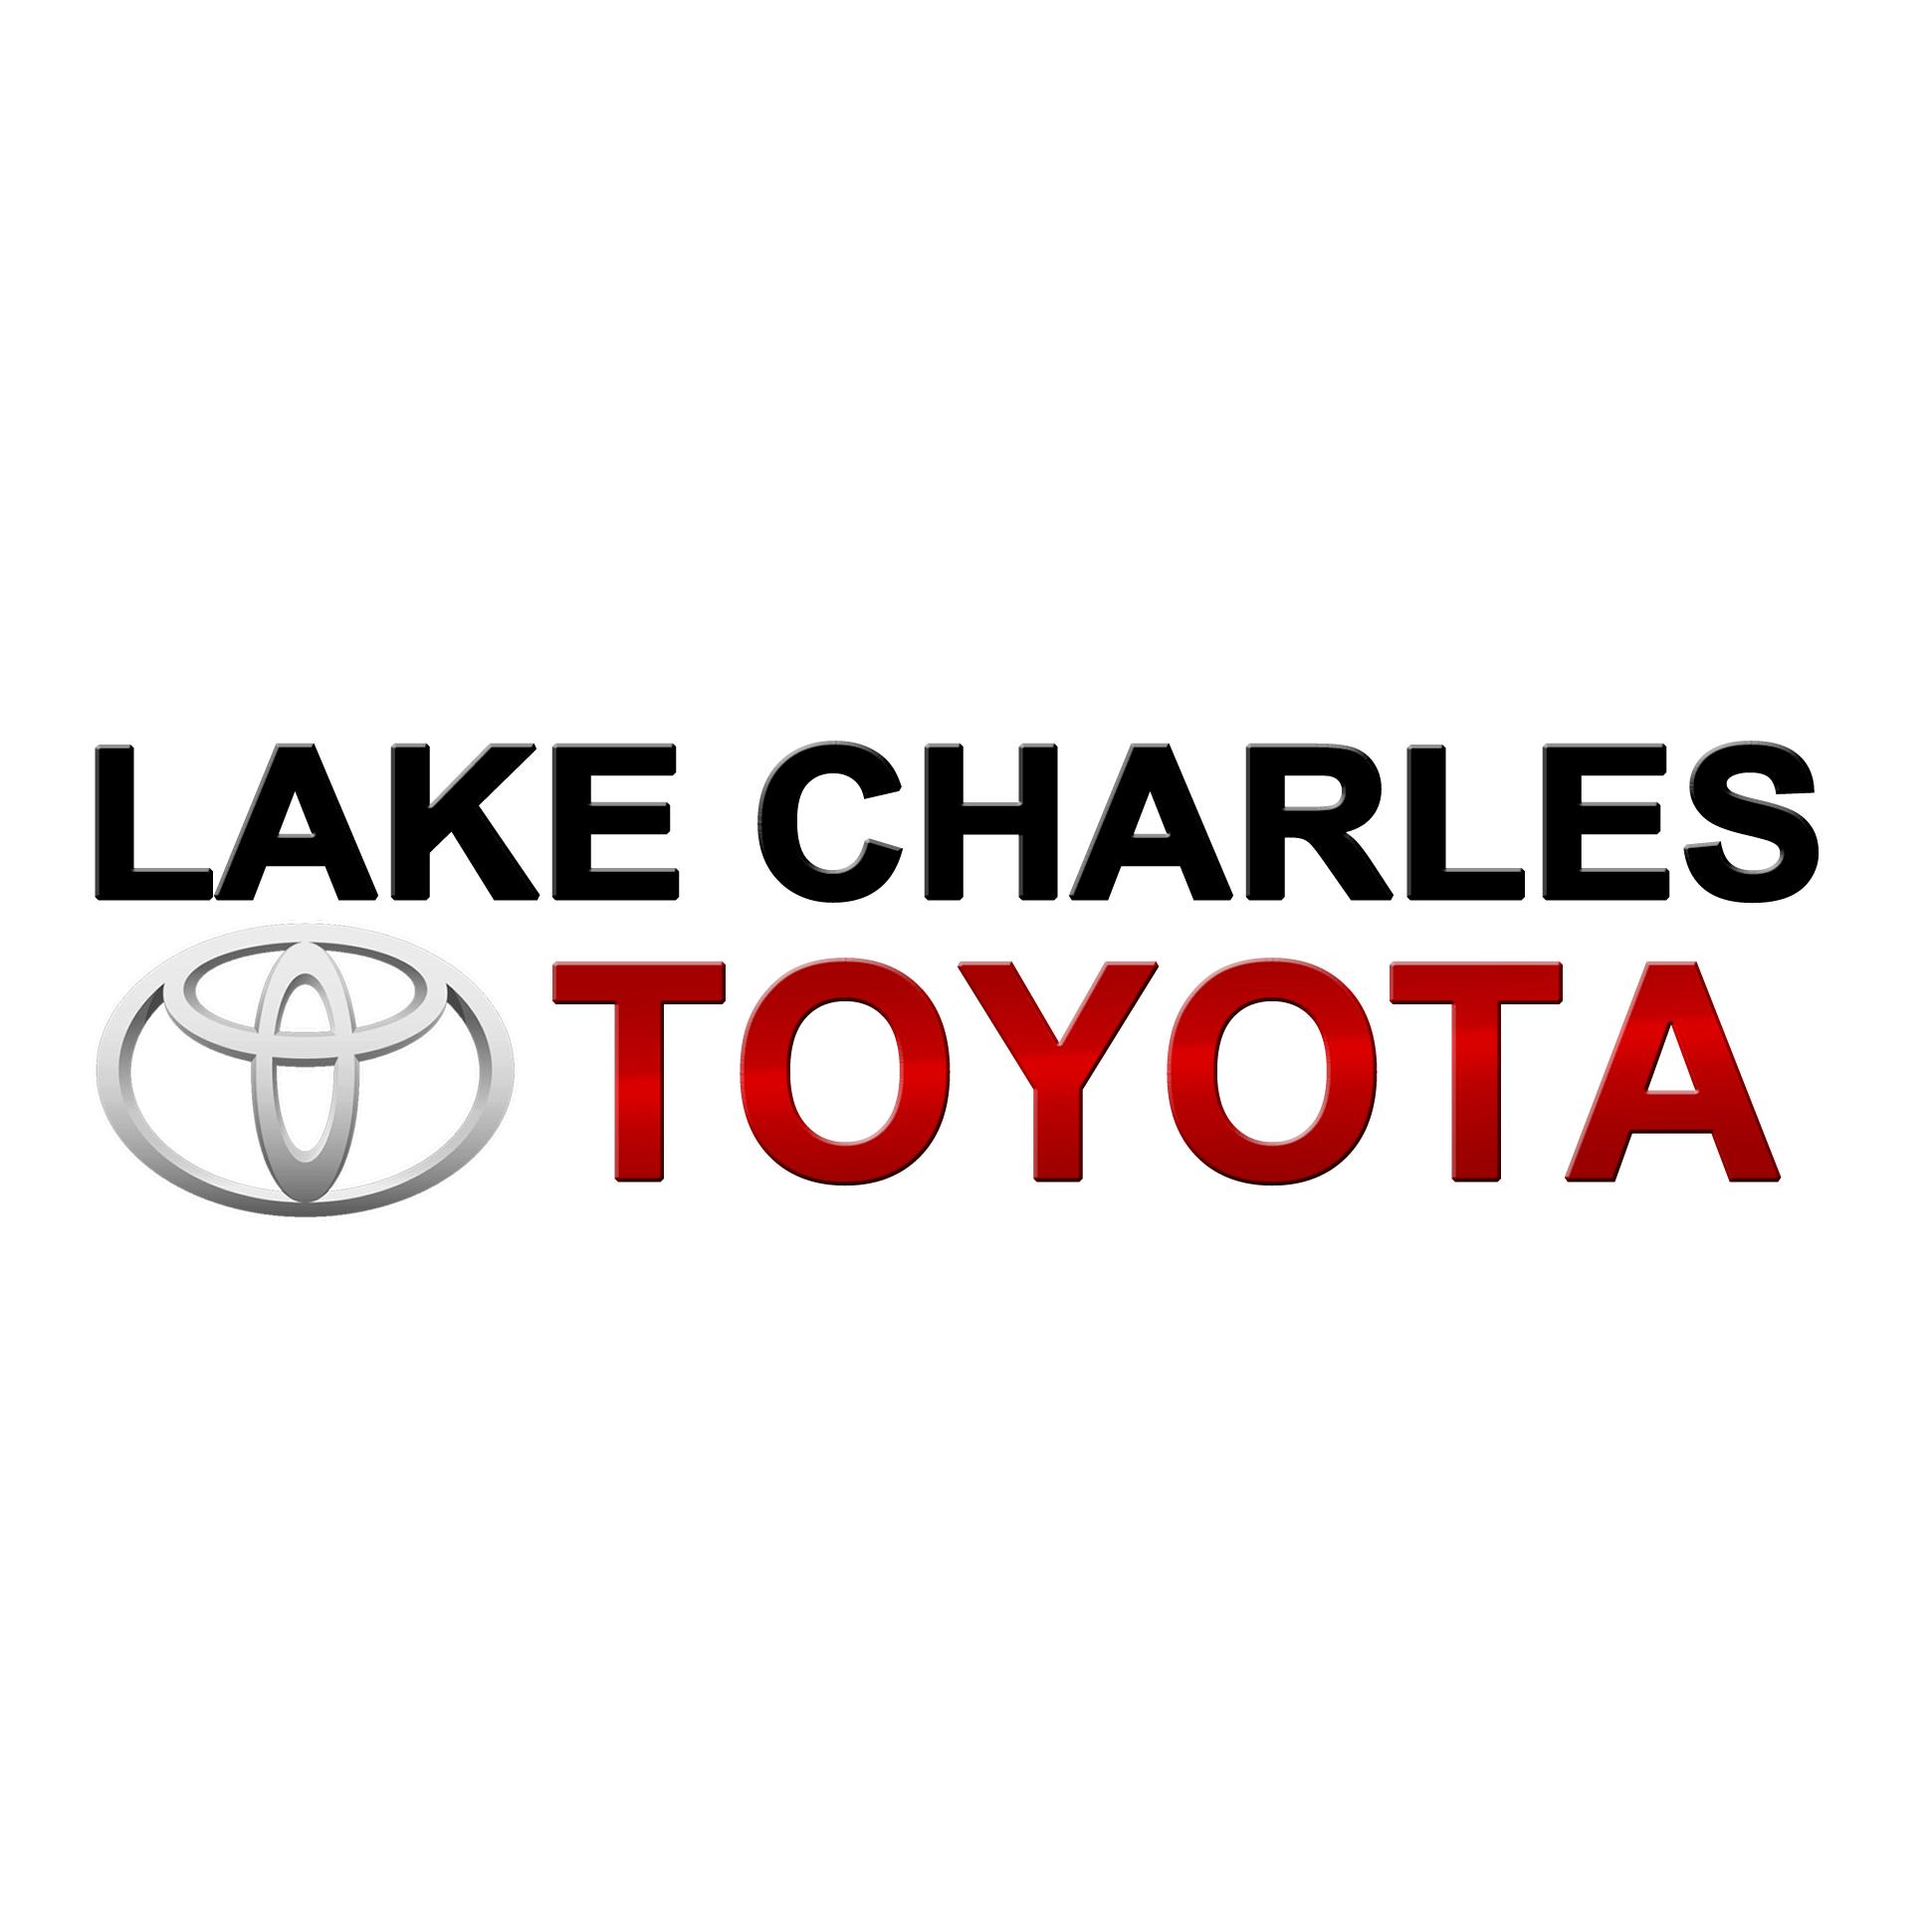 Lake Charles Toyota >> Lake Charles Toyota in Lake Charles, LA 70607 - ChamberofCommerce.com